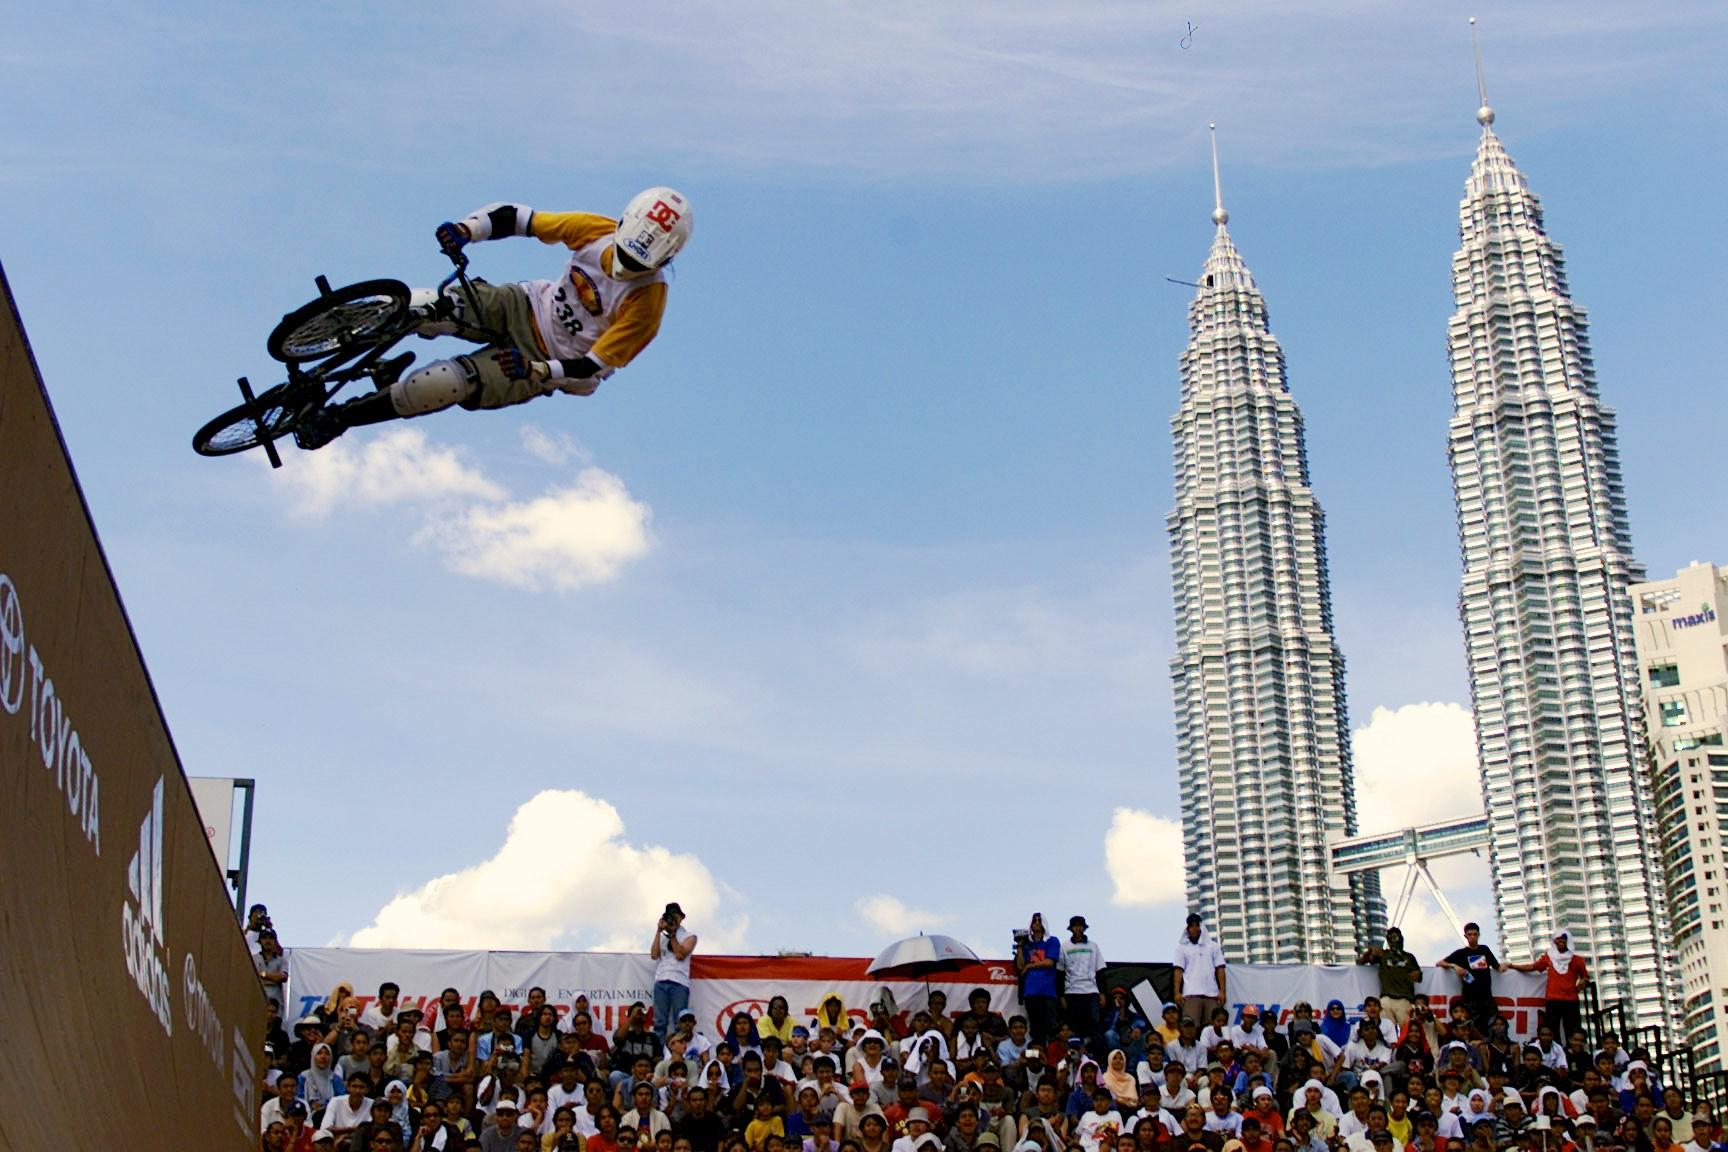 2002: Kuala Lumpur, Malaysia